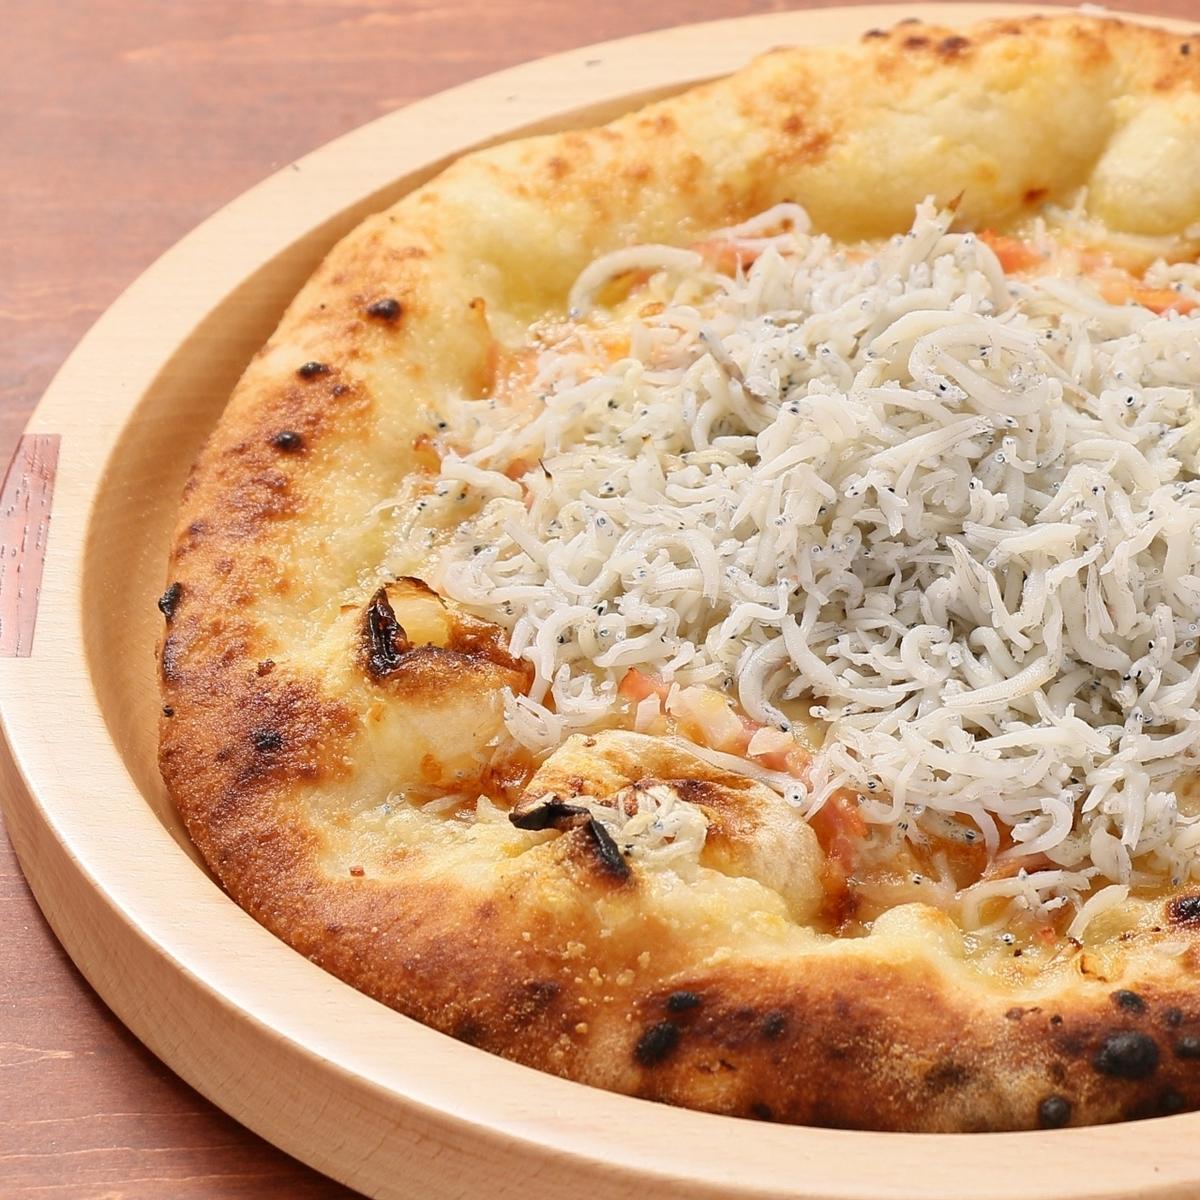 가마 아게 멸치와 모짜렐라 치즈 피자 (비안)